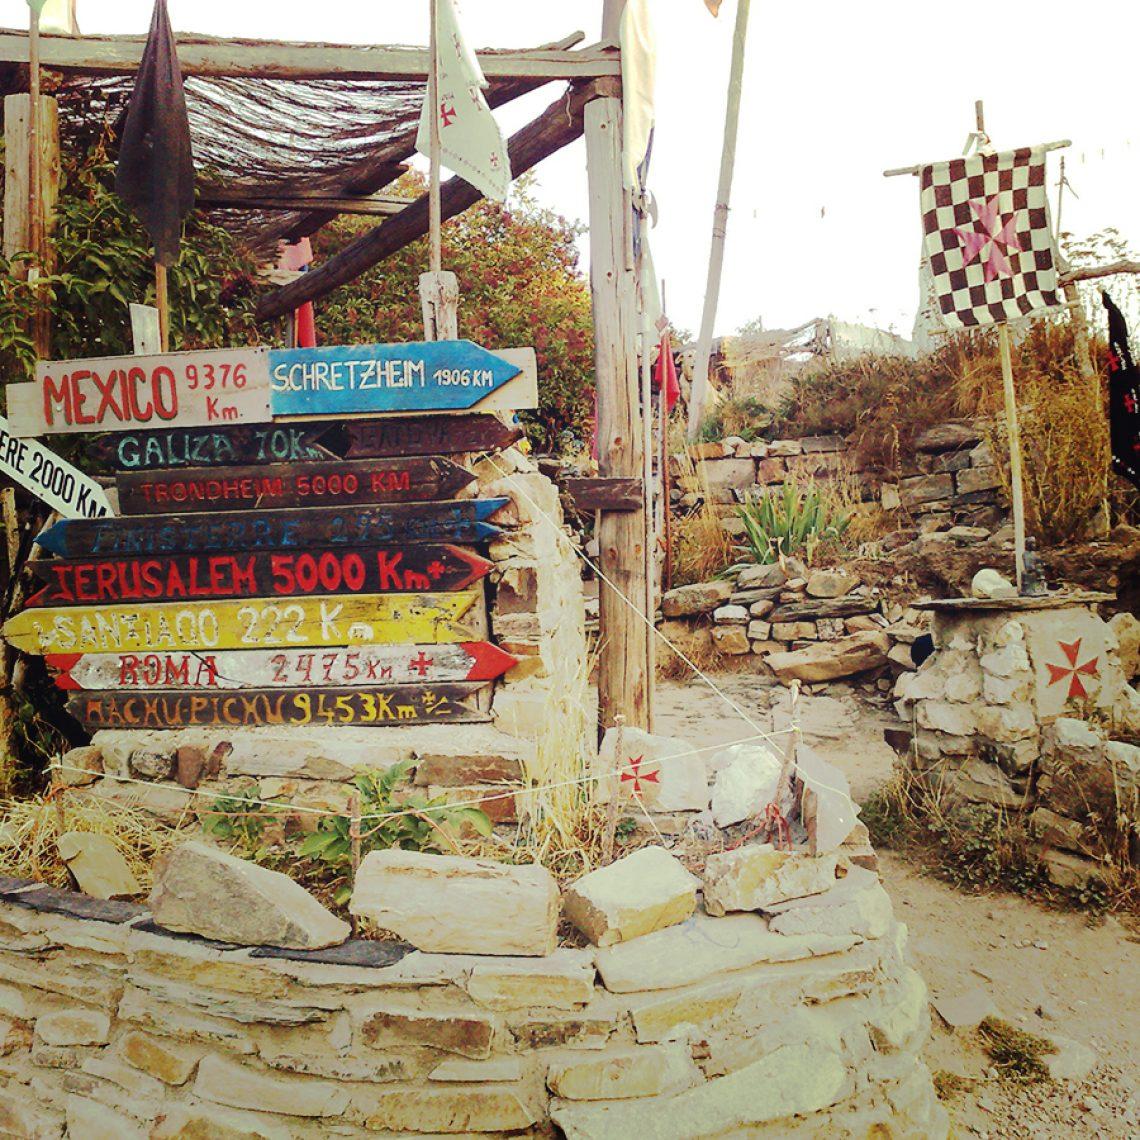 Die Hippie-Kommune von Manjarin mit den Entfernungsangaben einiger Weltstädte.